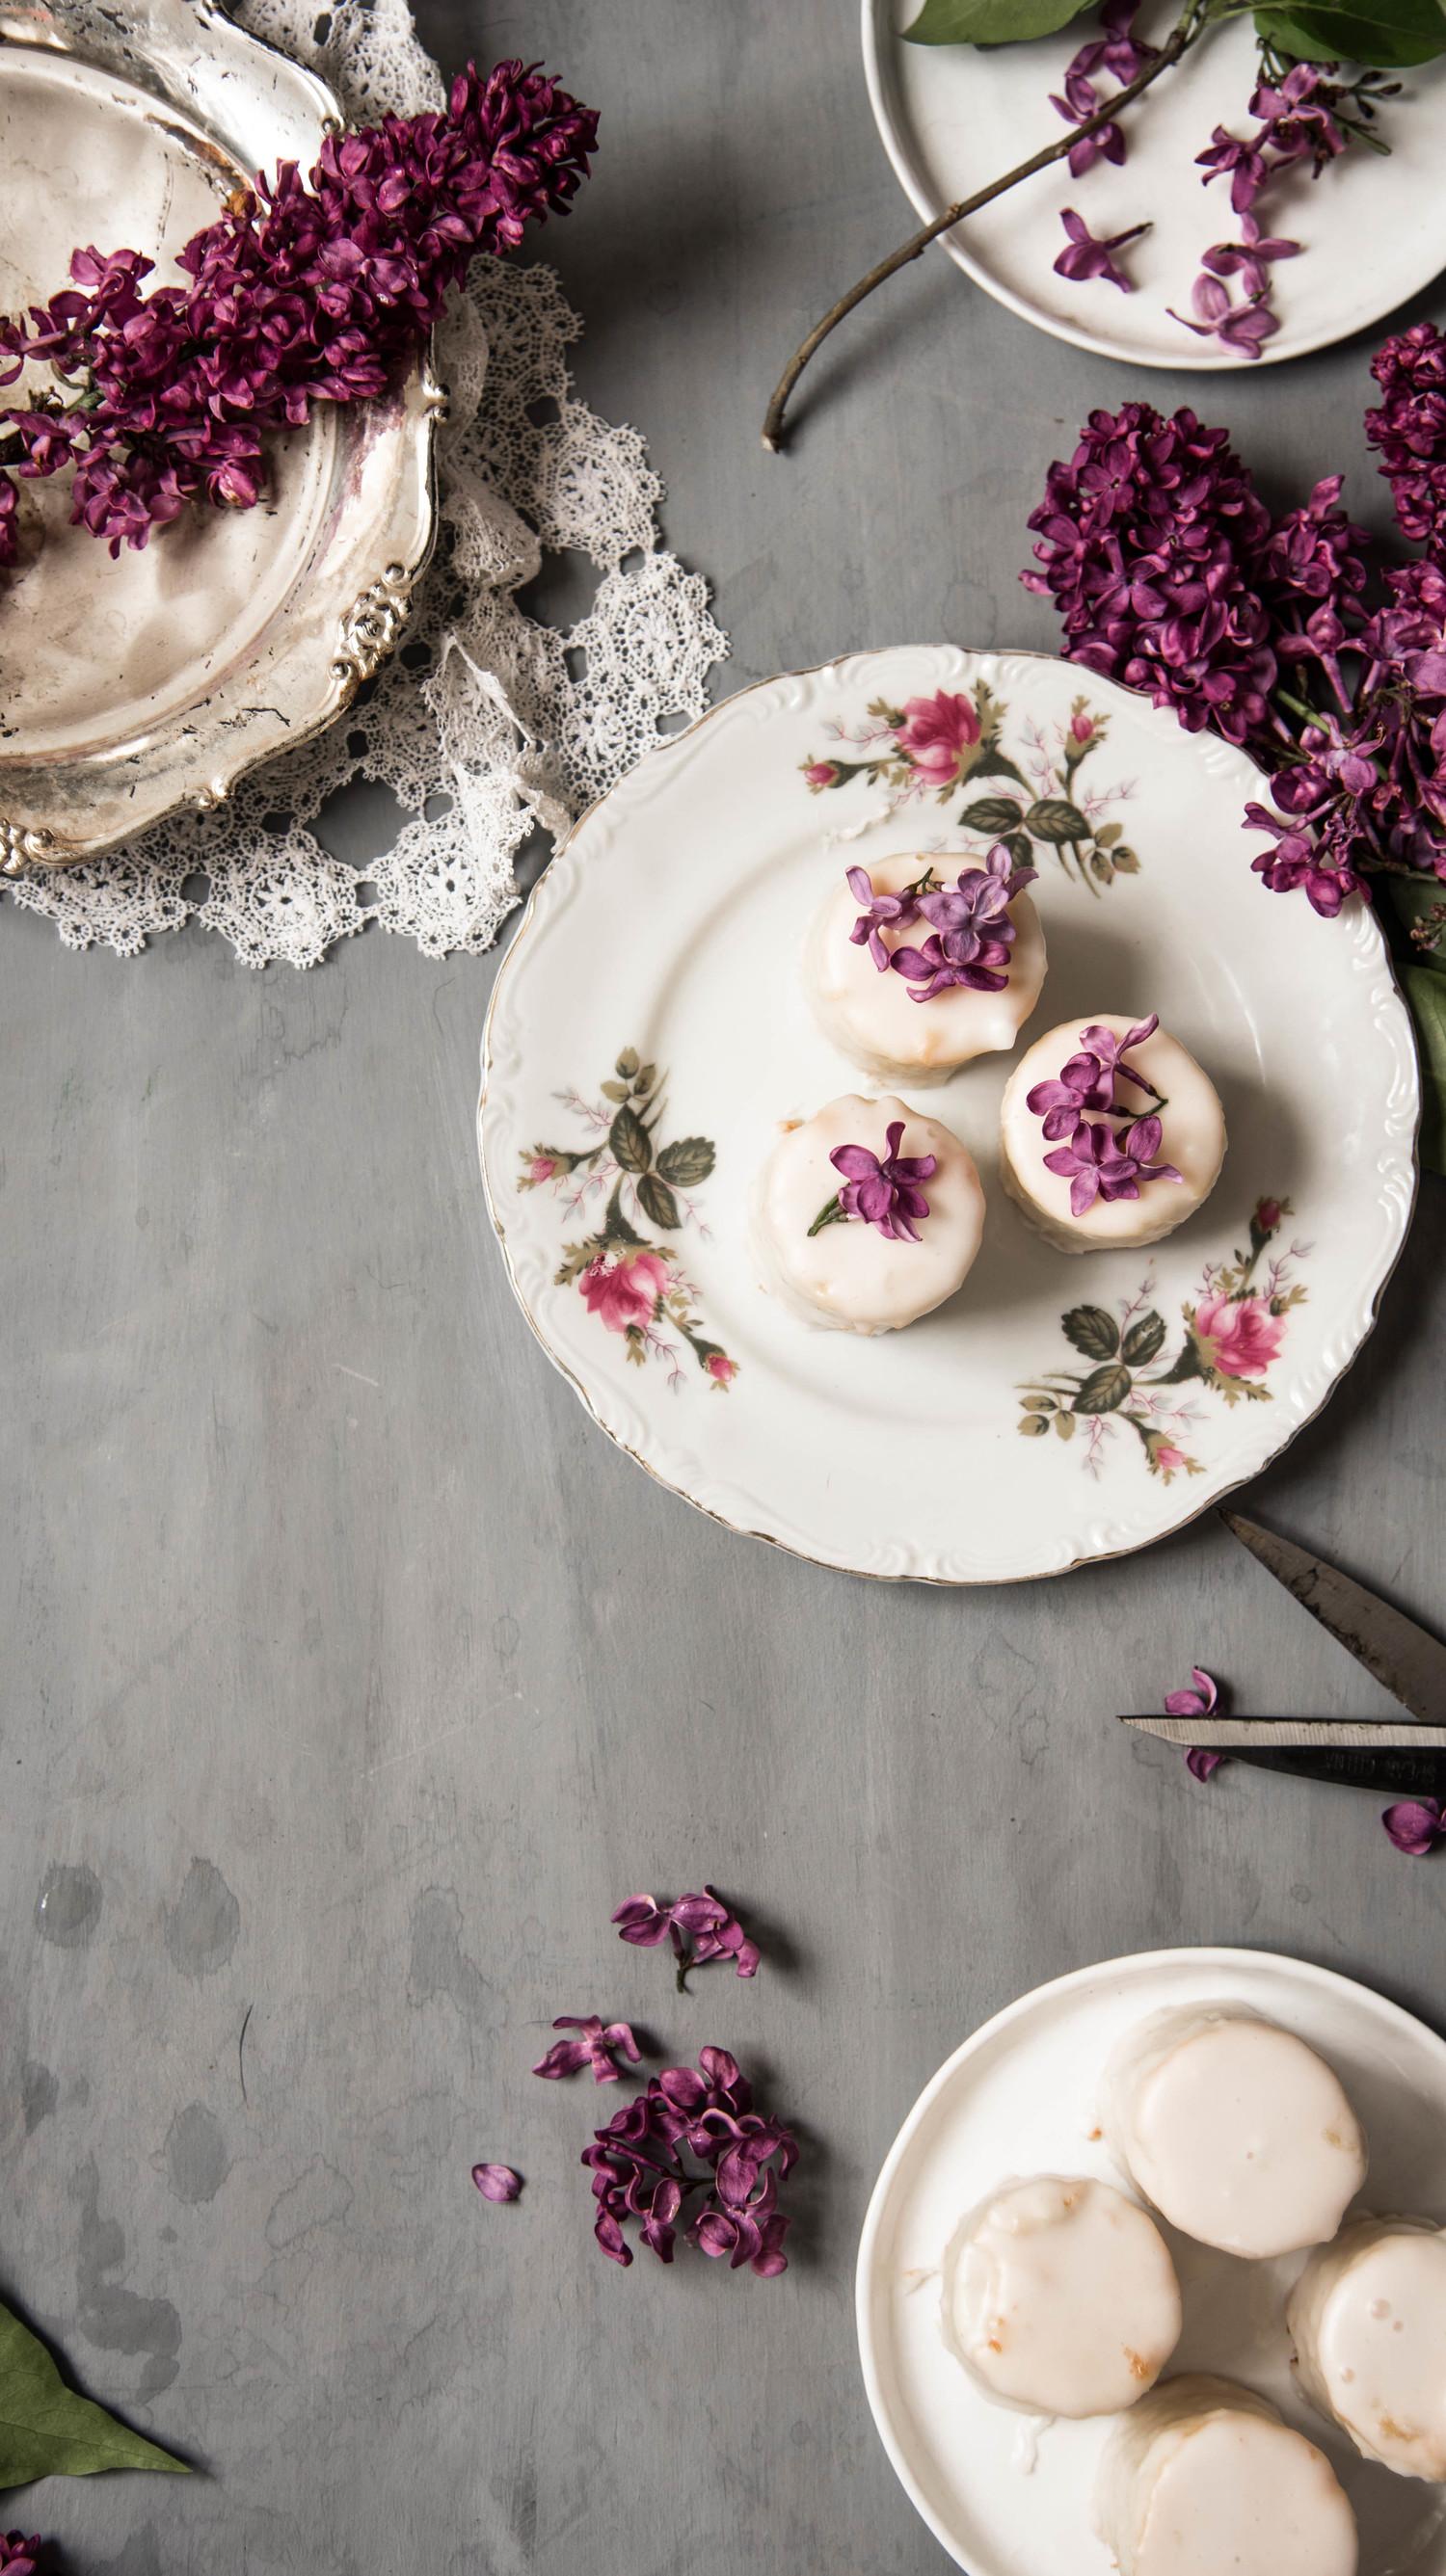 ROSE+&+IVY+Journal+Vanilla+Petit+Fours+A+Mother's+Day+Dessert+Idea.jpeg